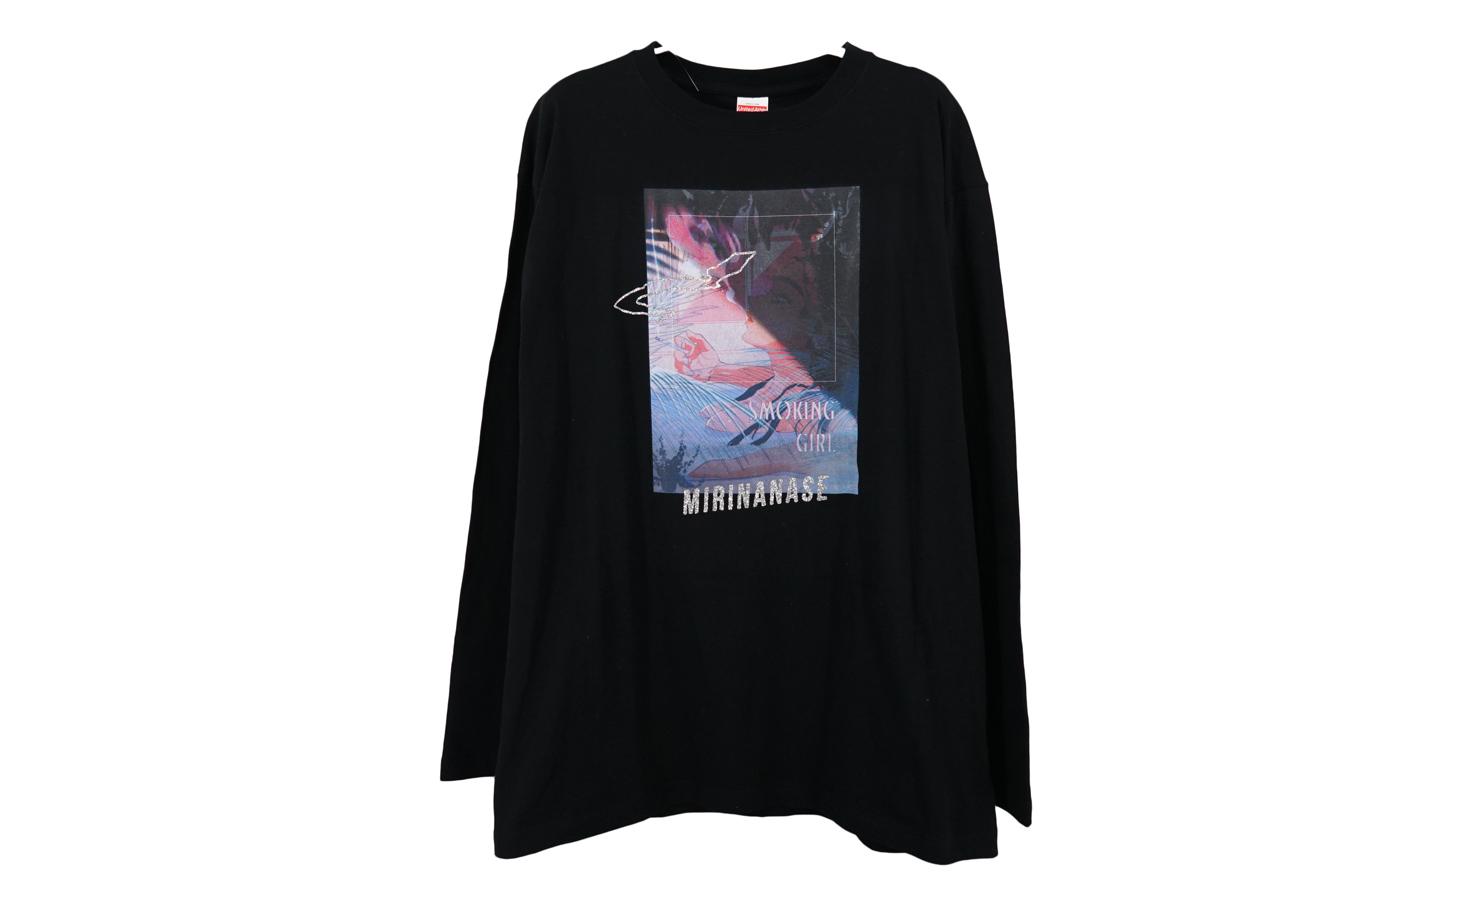 『SMOKING GIRL』 ロングスリーブTシャツ(ブラック)